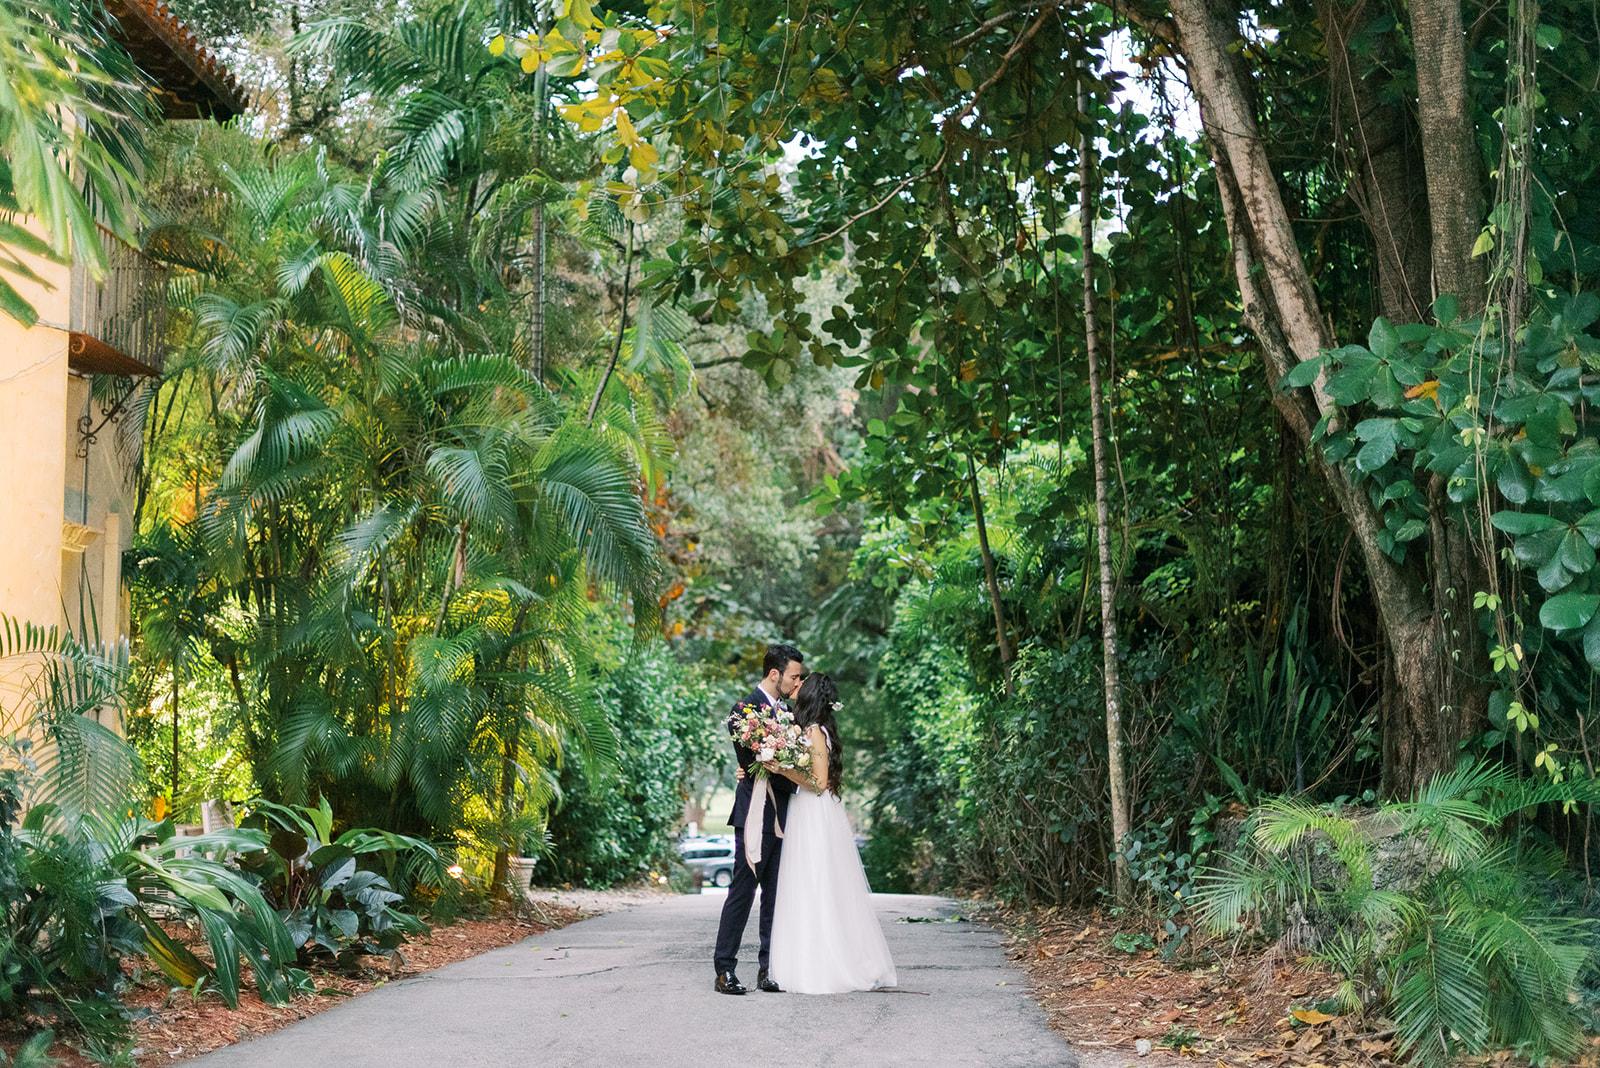 Courtney + Bryan | Cutler Bay, Florida | Villa Woodbine